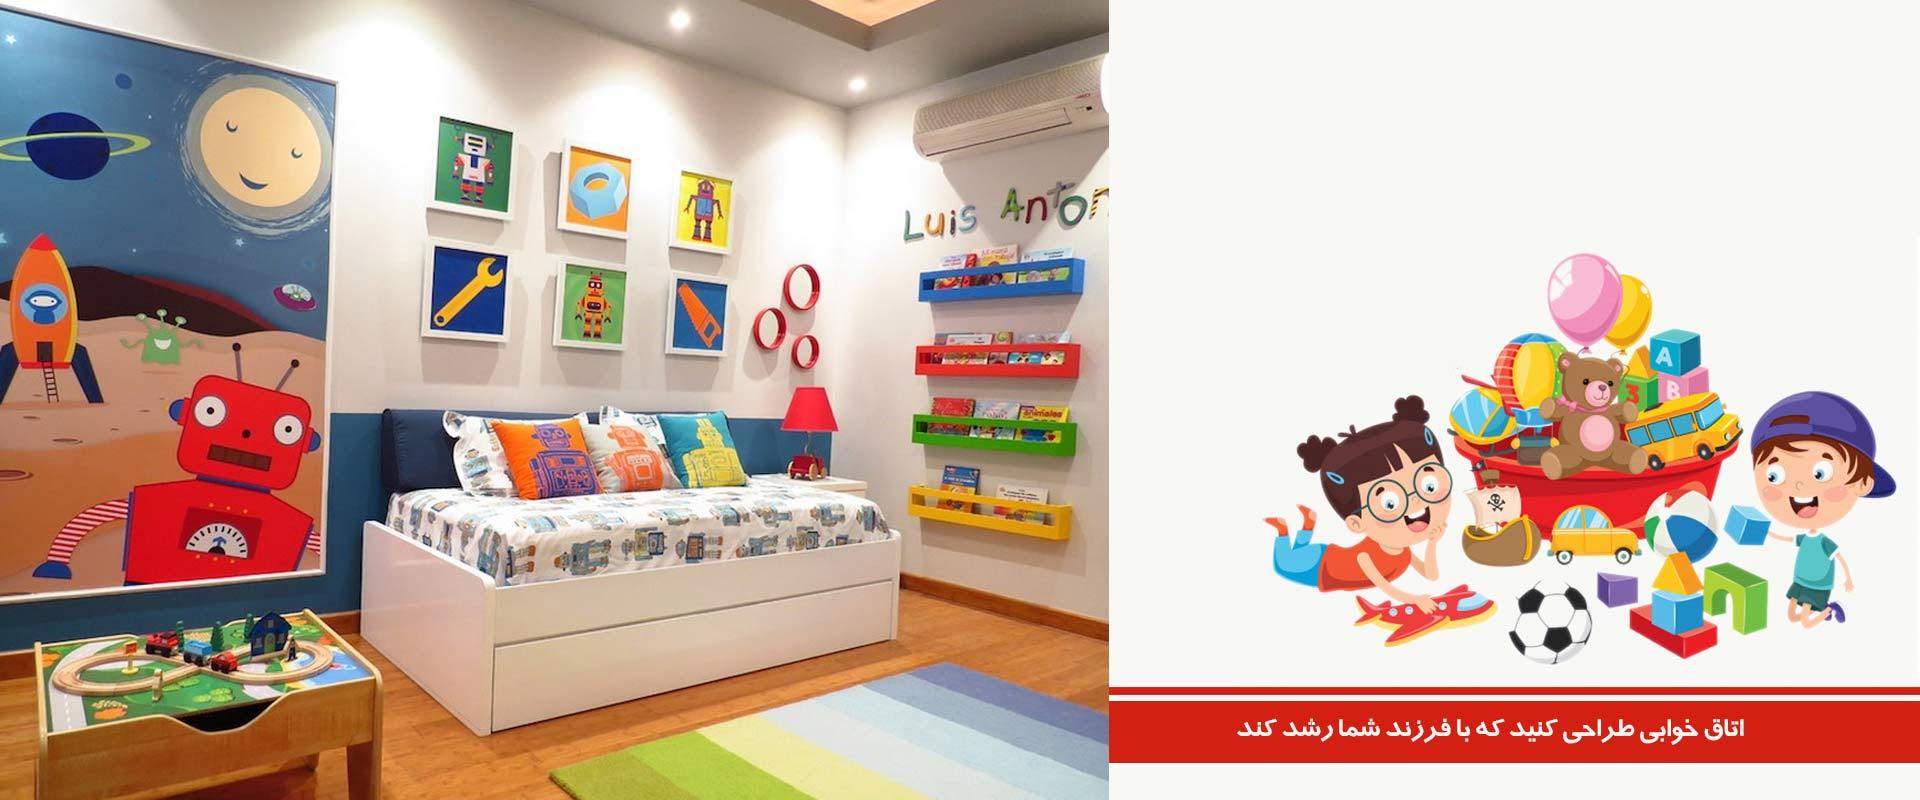 child room 1 - اتاق خوابی طراحی کنید که با فرزند شما رشد کند